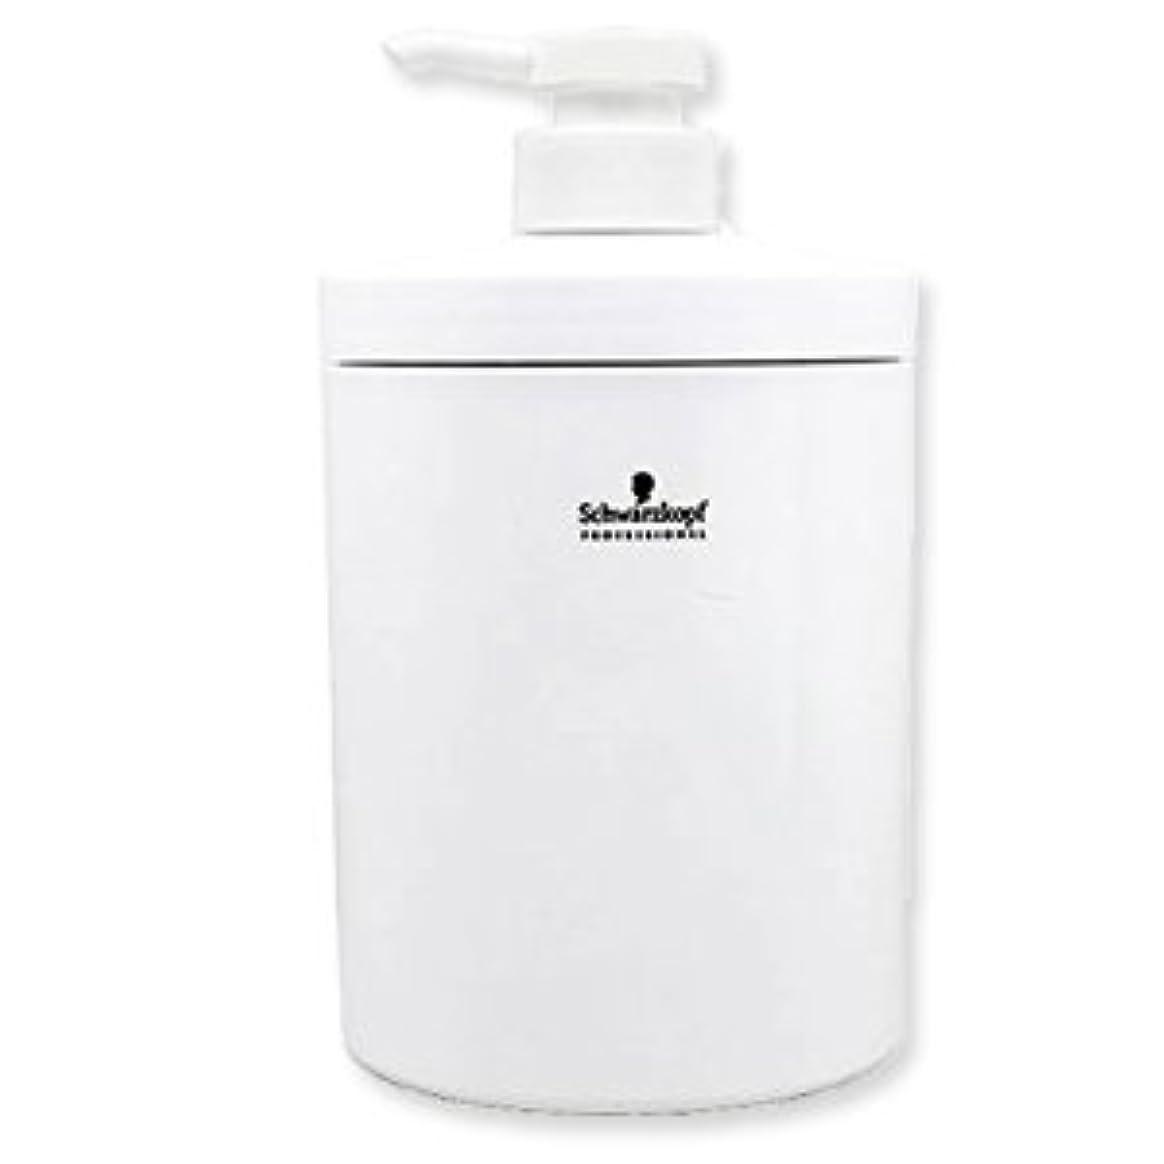 順応性のあるベルト割り当てるシュワルツコフ エアレスポンプボトル(空容器)